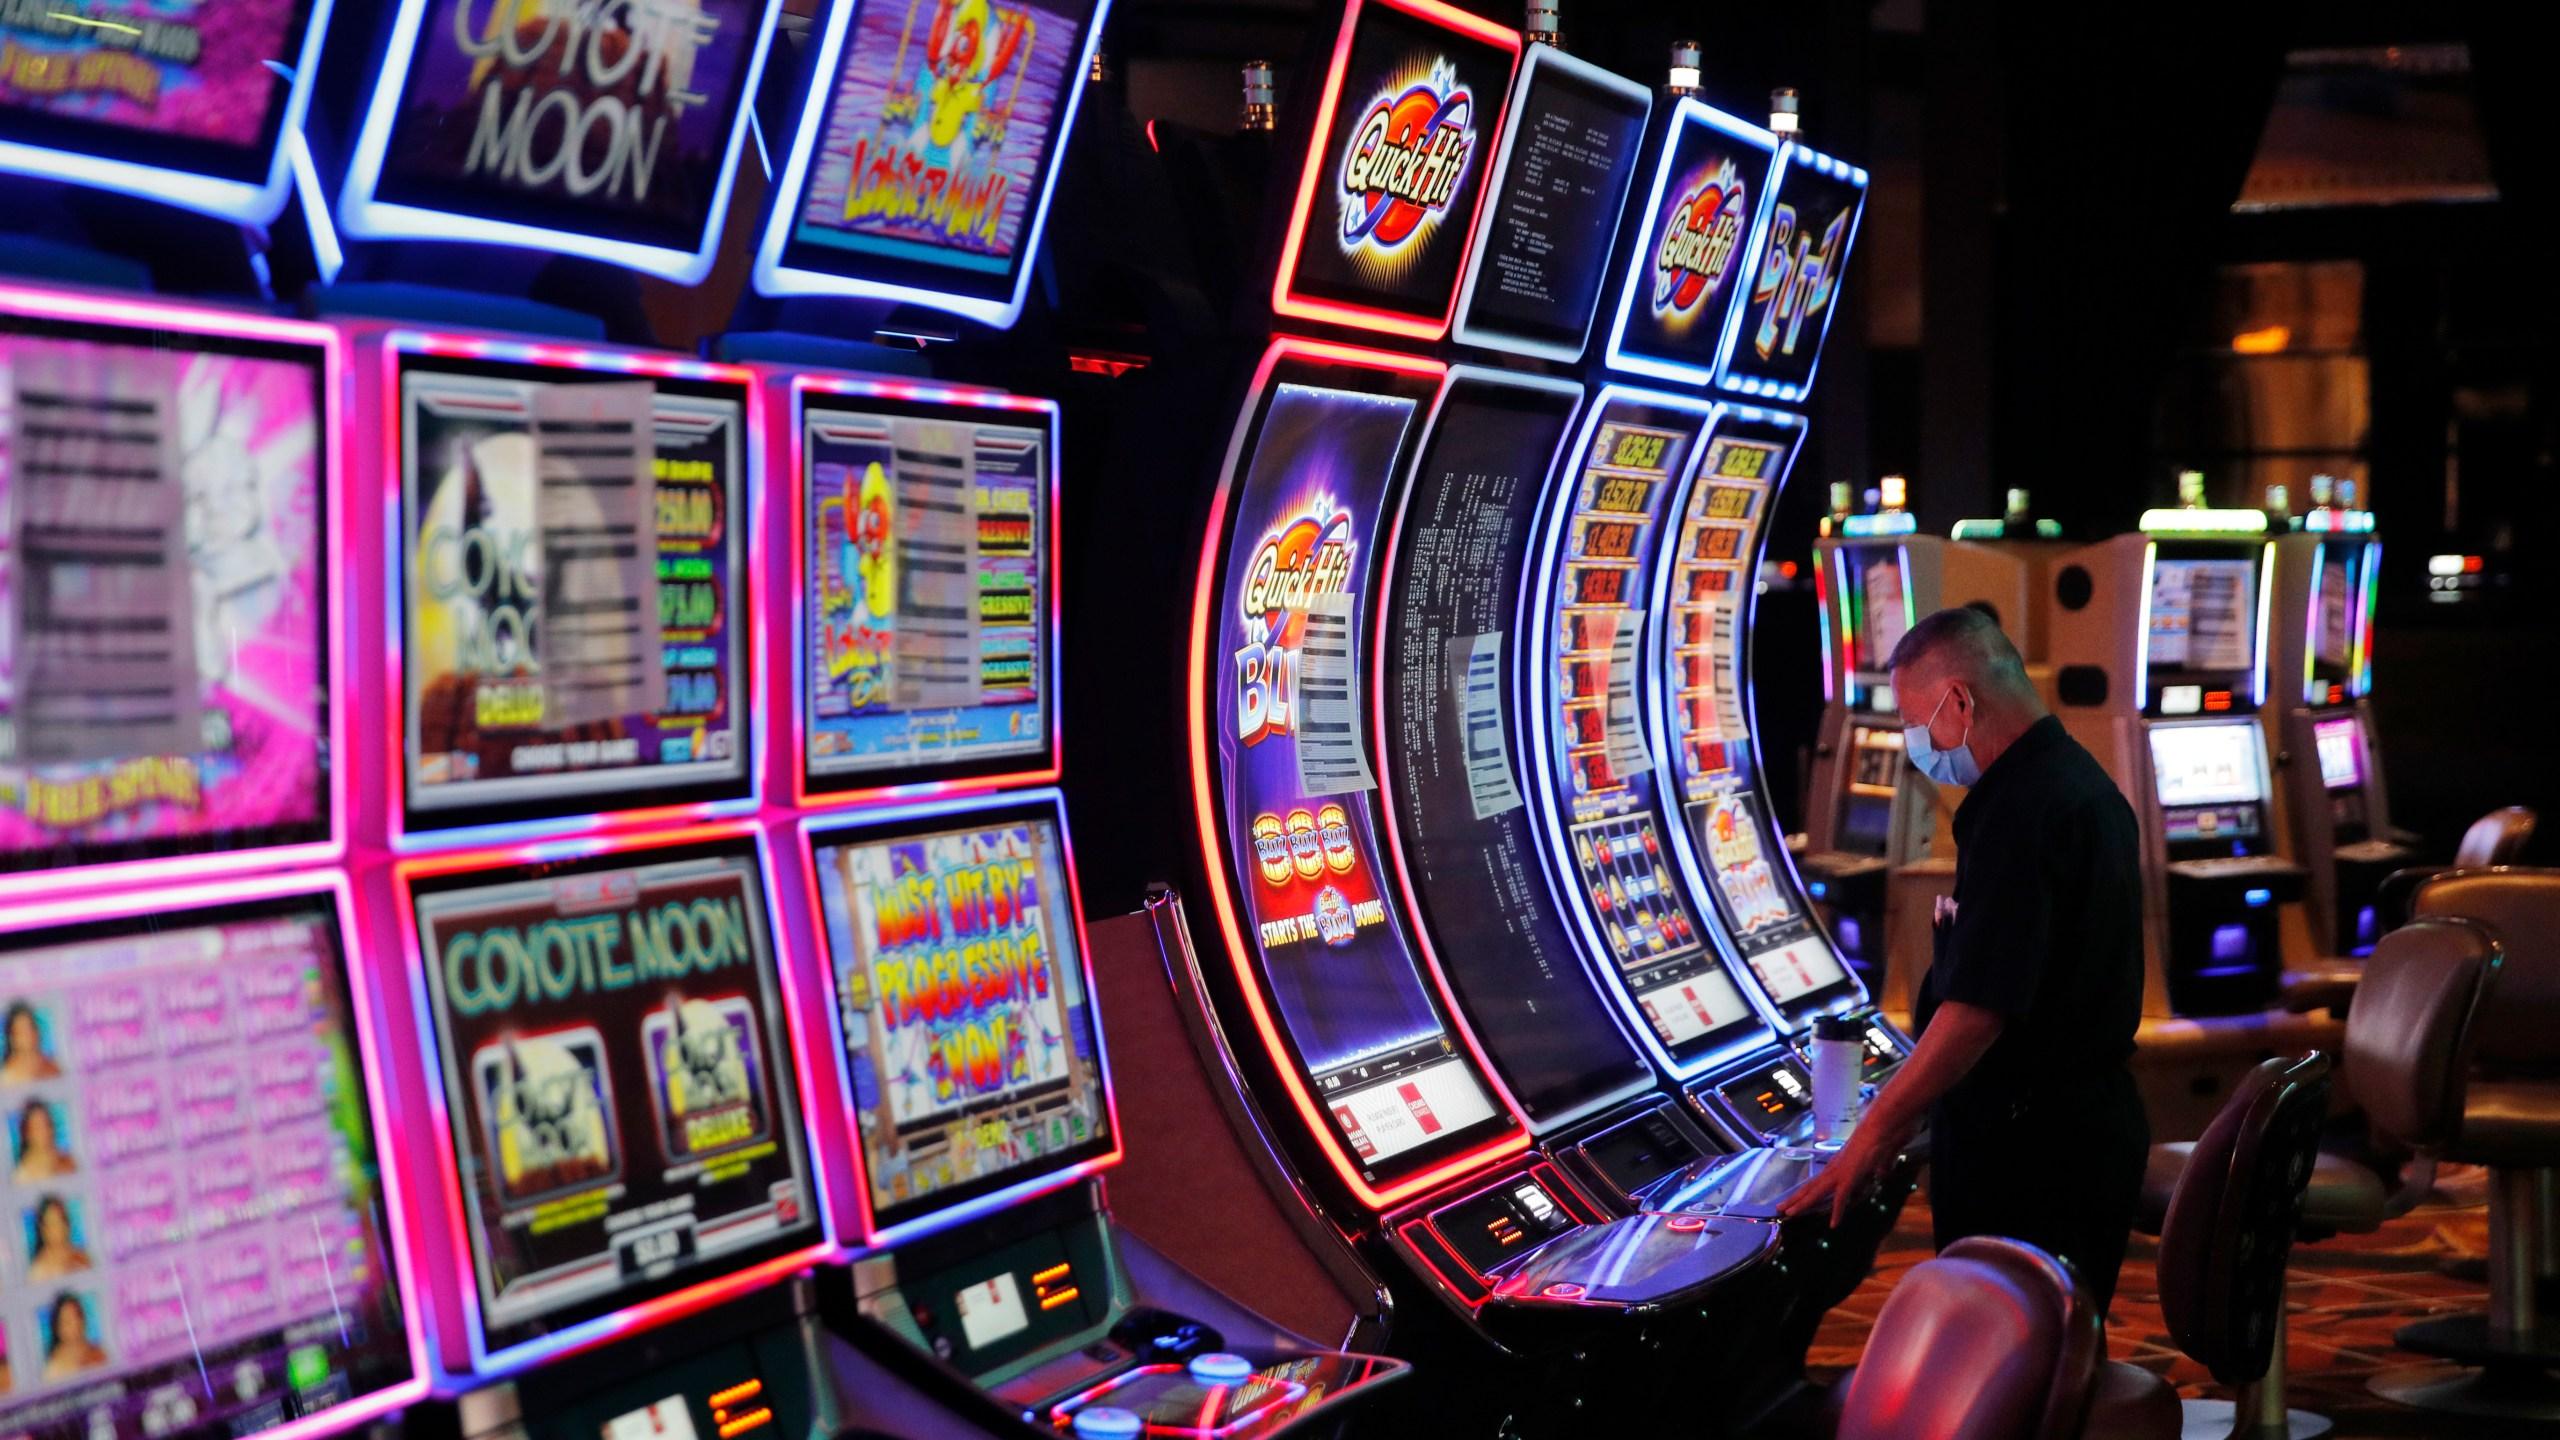 Casino klas portal 2 no saved games found